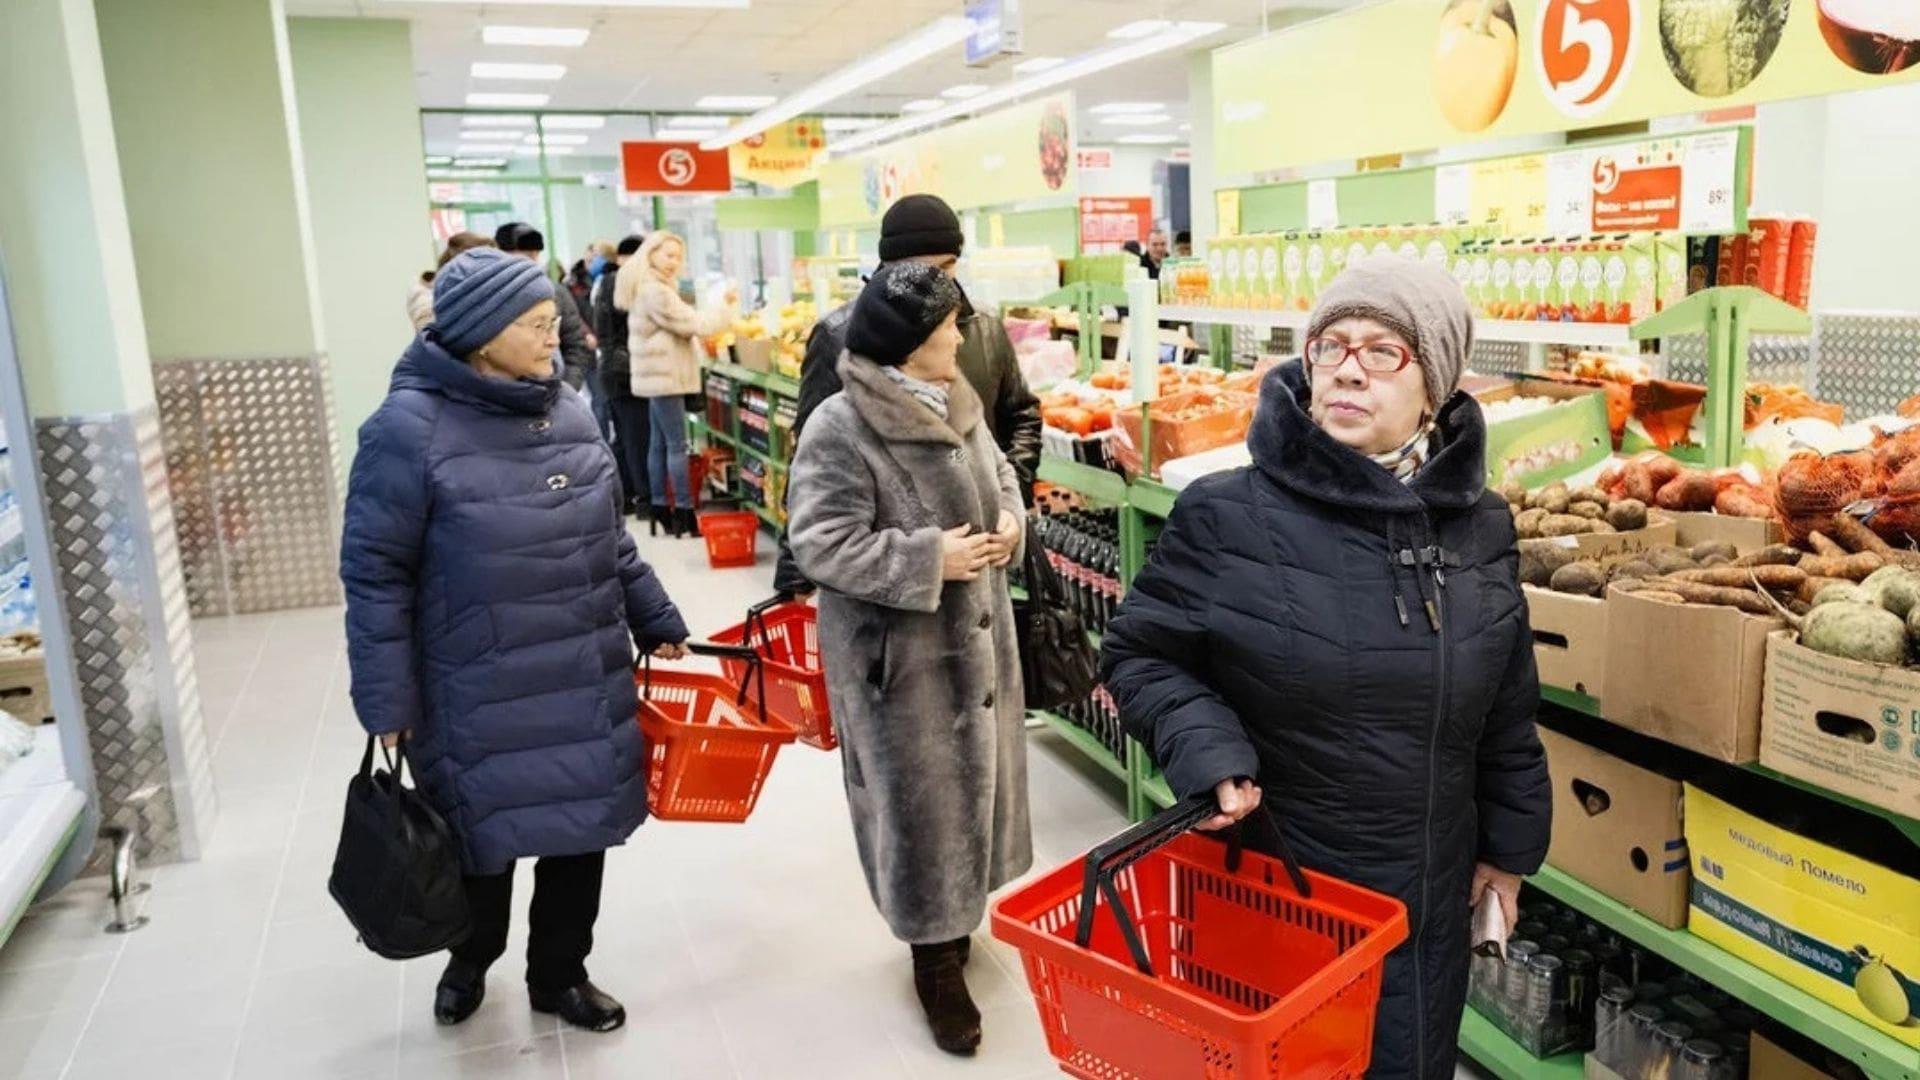 оплата в магазине пенсионной картой мир